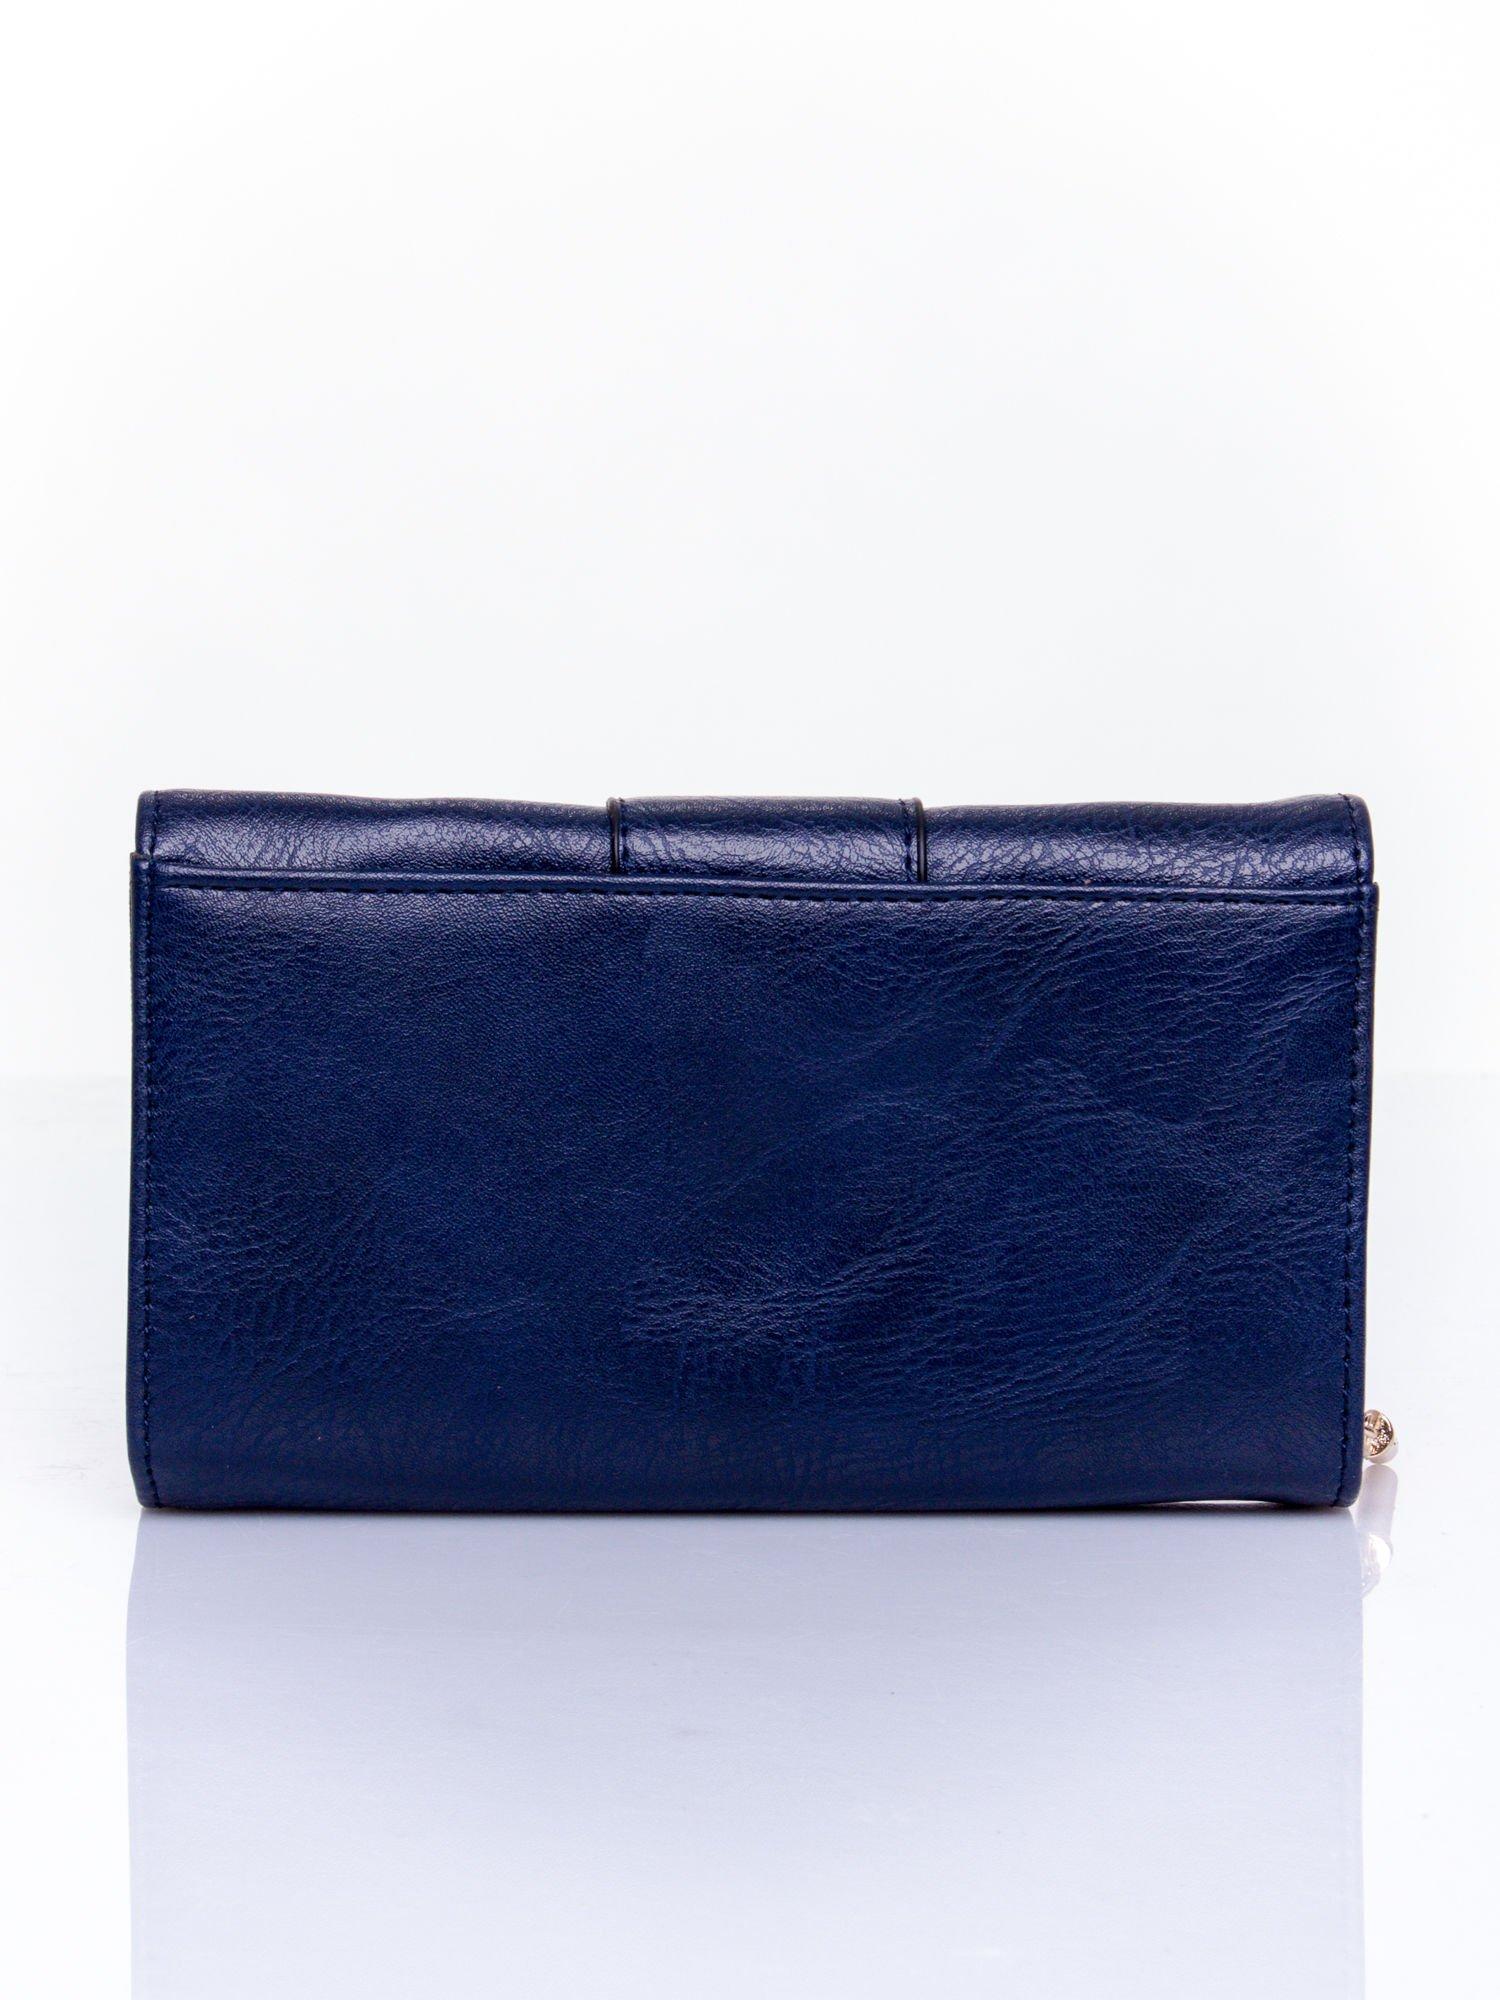 Granatowy portfel z ozdobnym zapięciem                                  zdj.                                  2